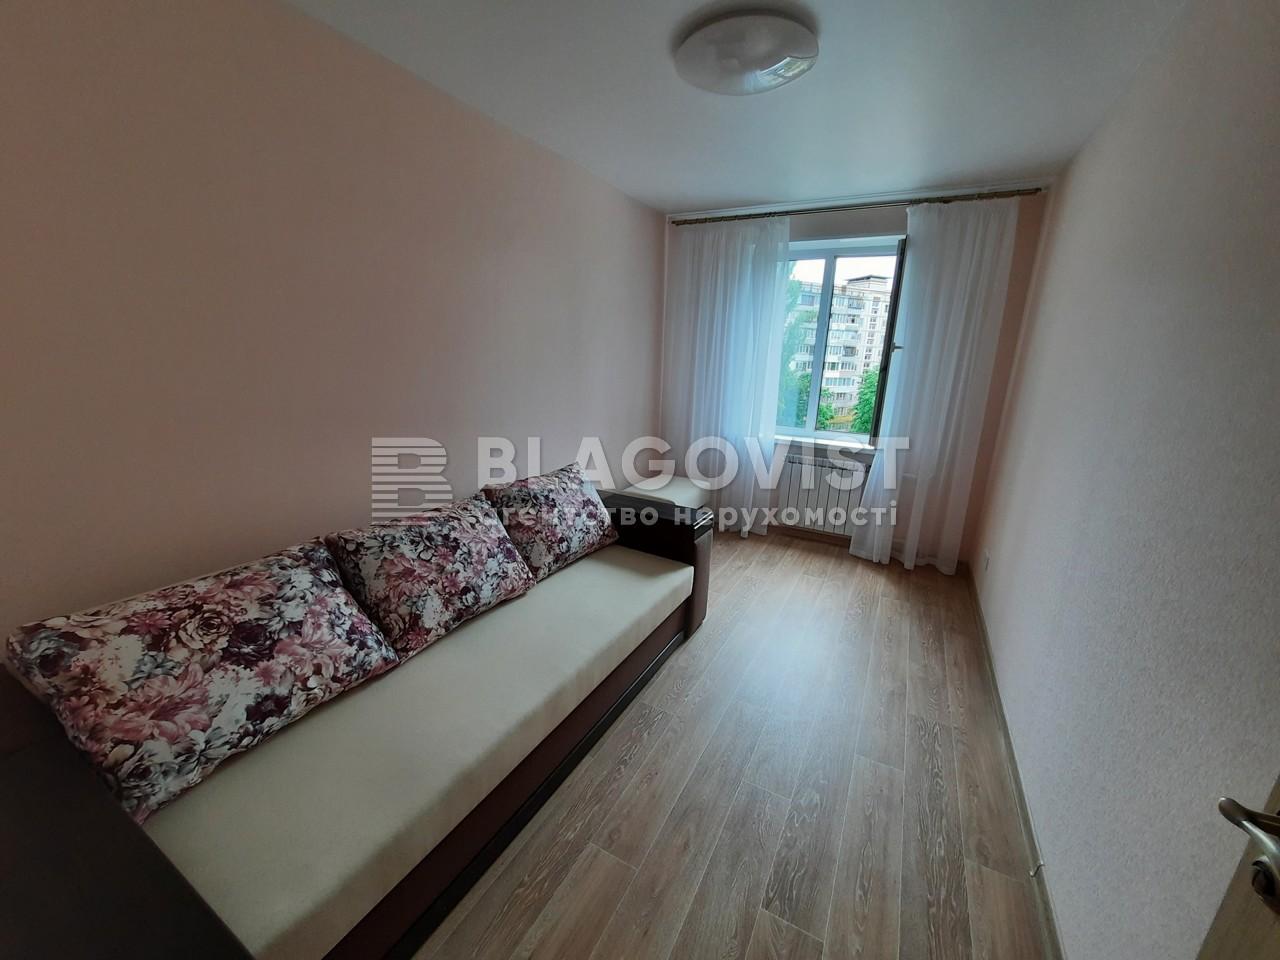 Квартира E-40965, Булаховского Академика, 30а, Киев - Фото 6